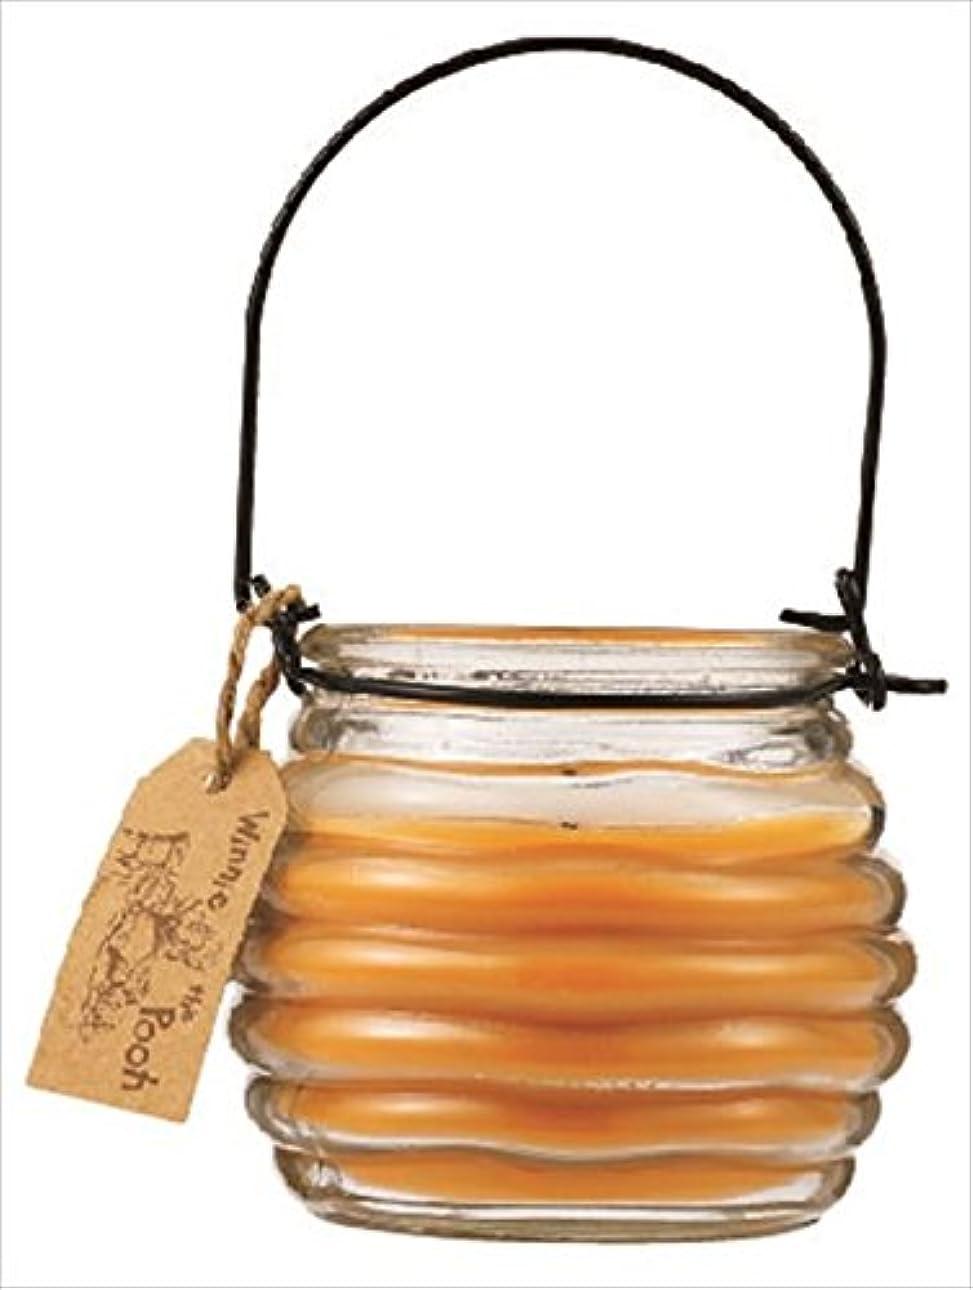 kameyama candle(カメヤマキャンドル) プーさんハニーランタン キャンドル 105x100x170 (A2120500)